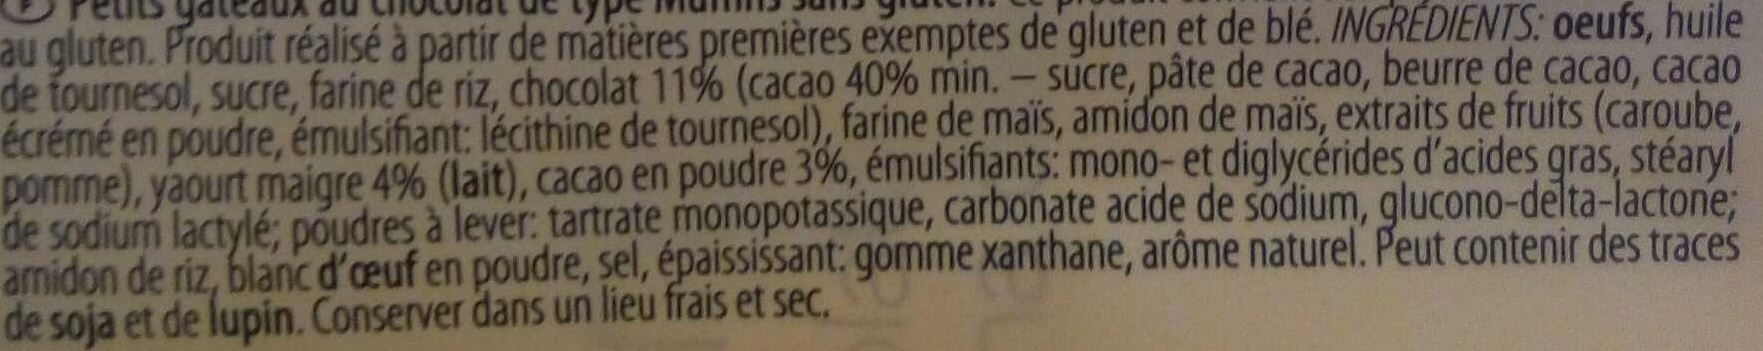 Muffins choco - Ingrédients - fr